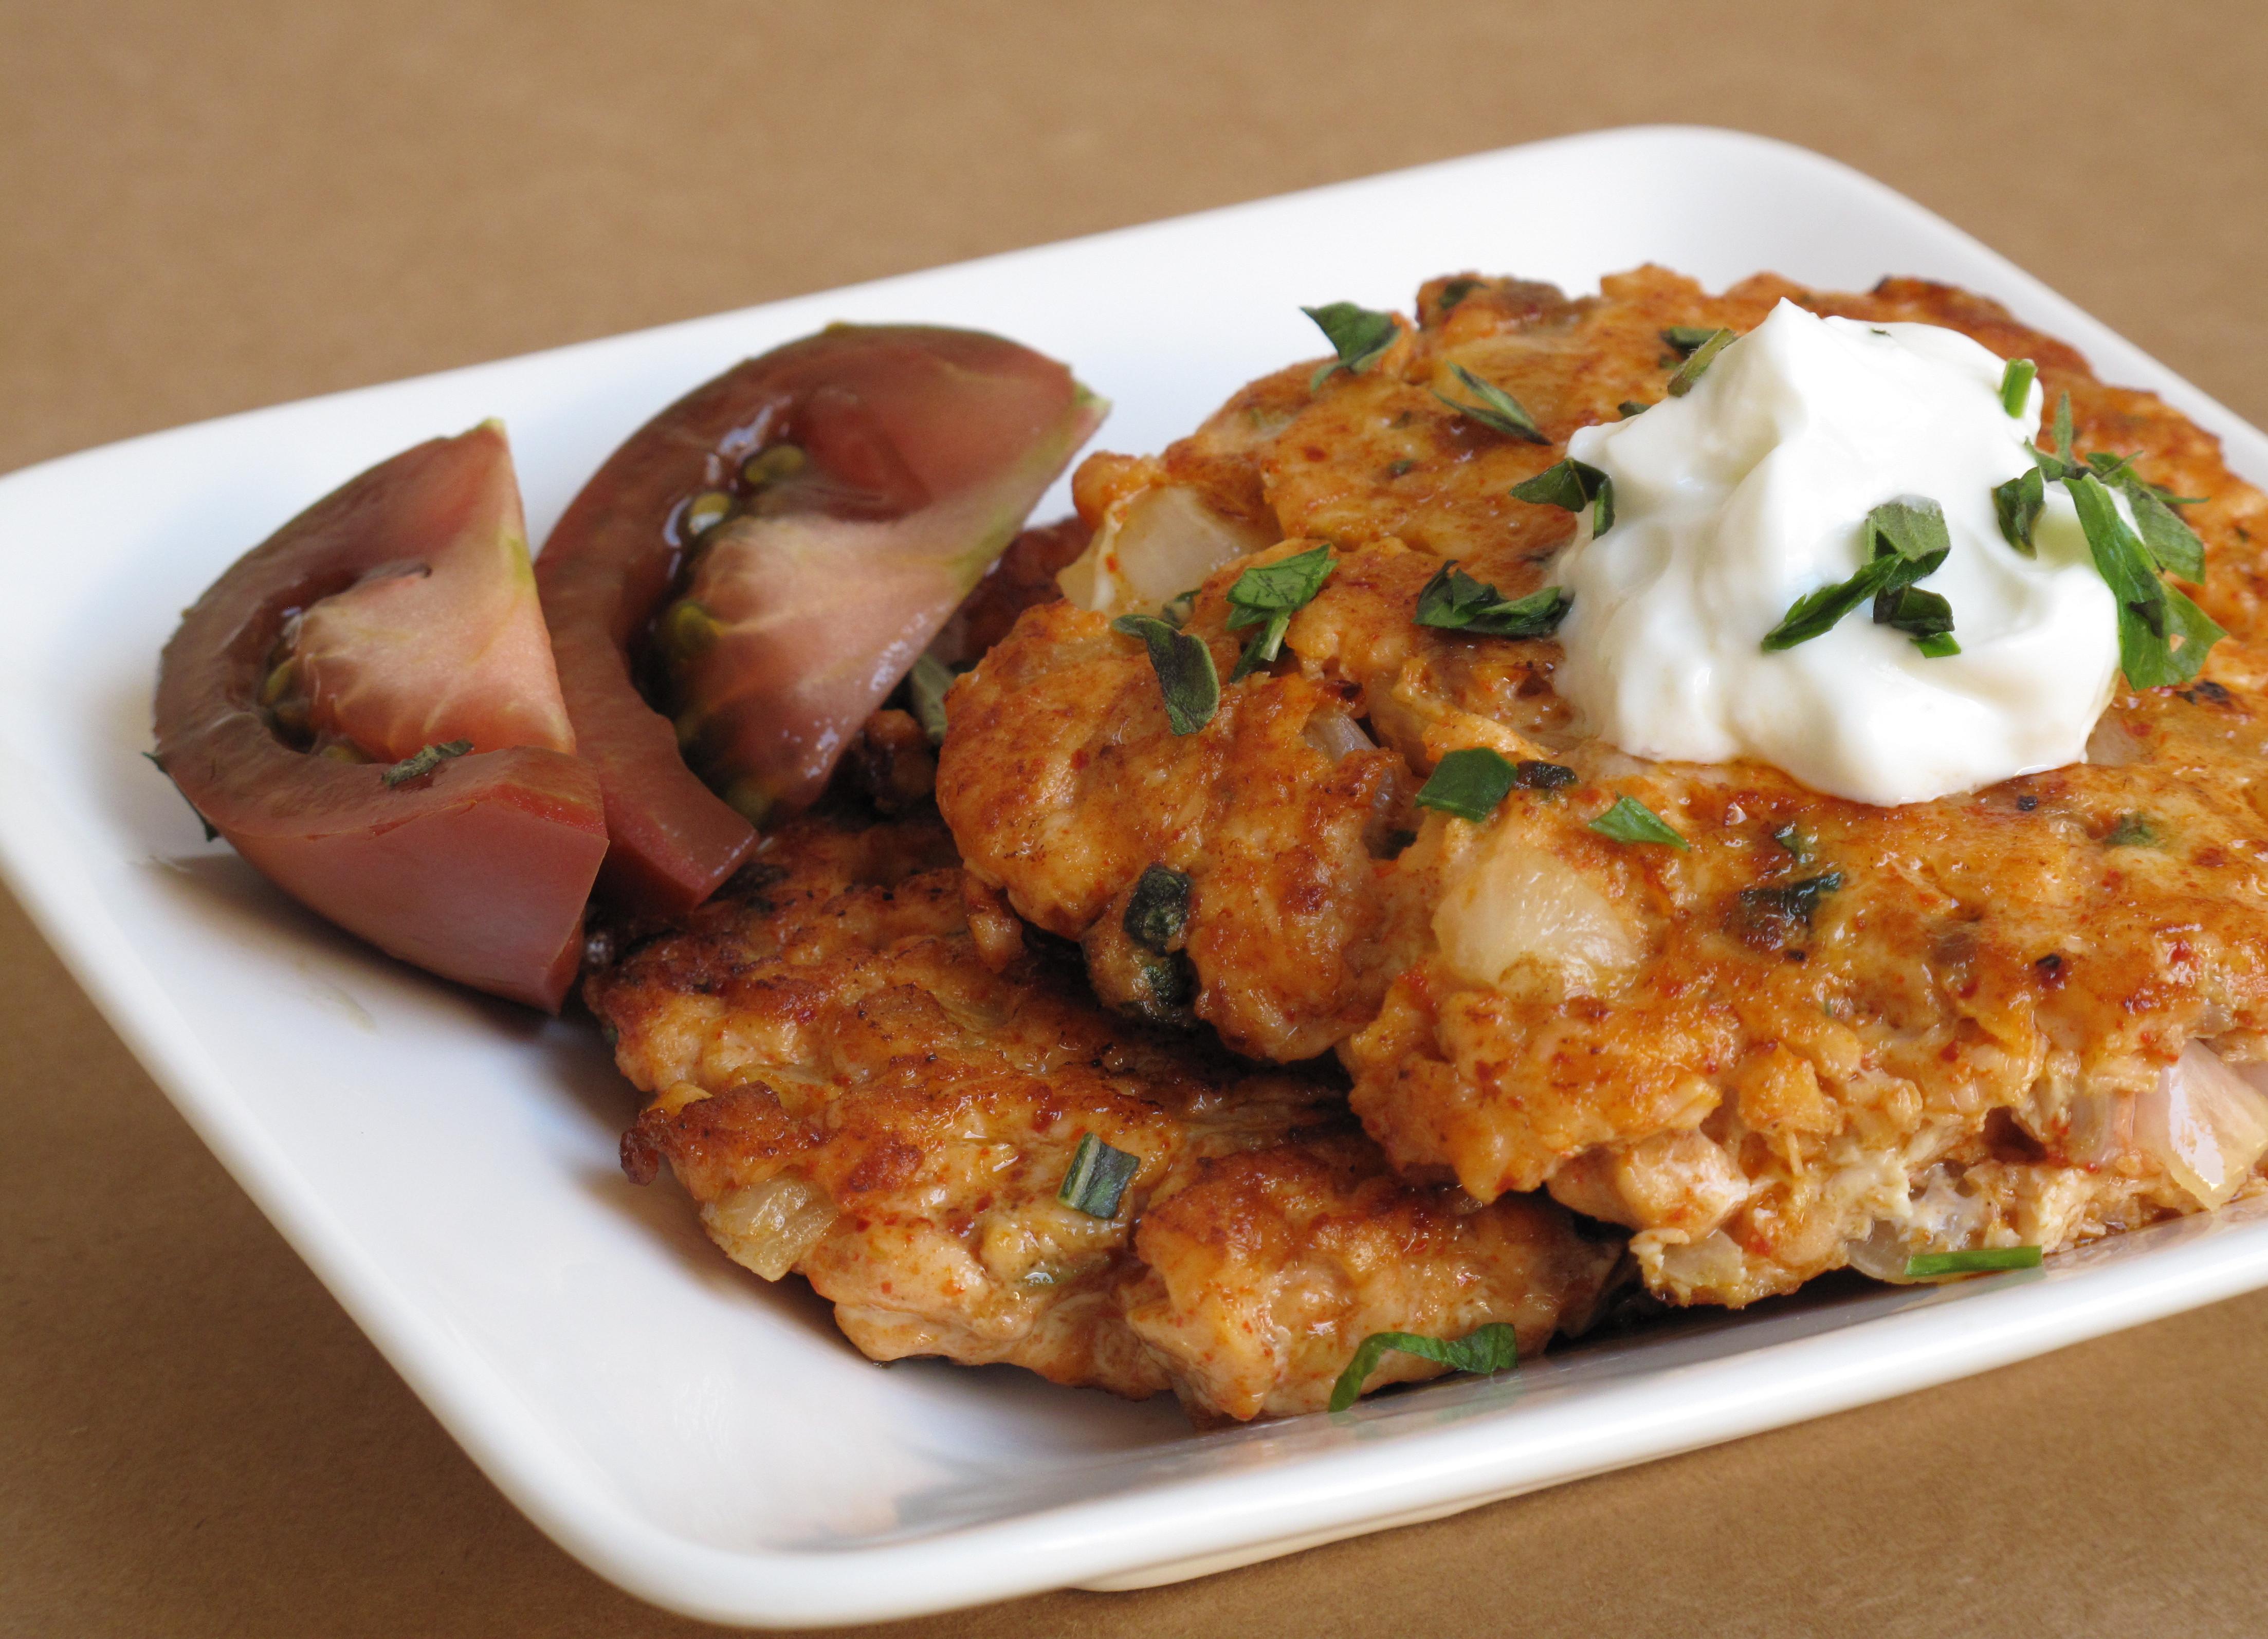 Healthy Breakfast Sausage Recipe  Healthy Spa Recipe For Breakfast Salmon Sausage Patties